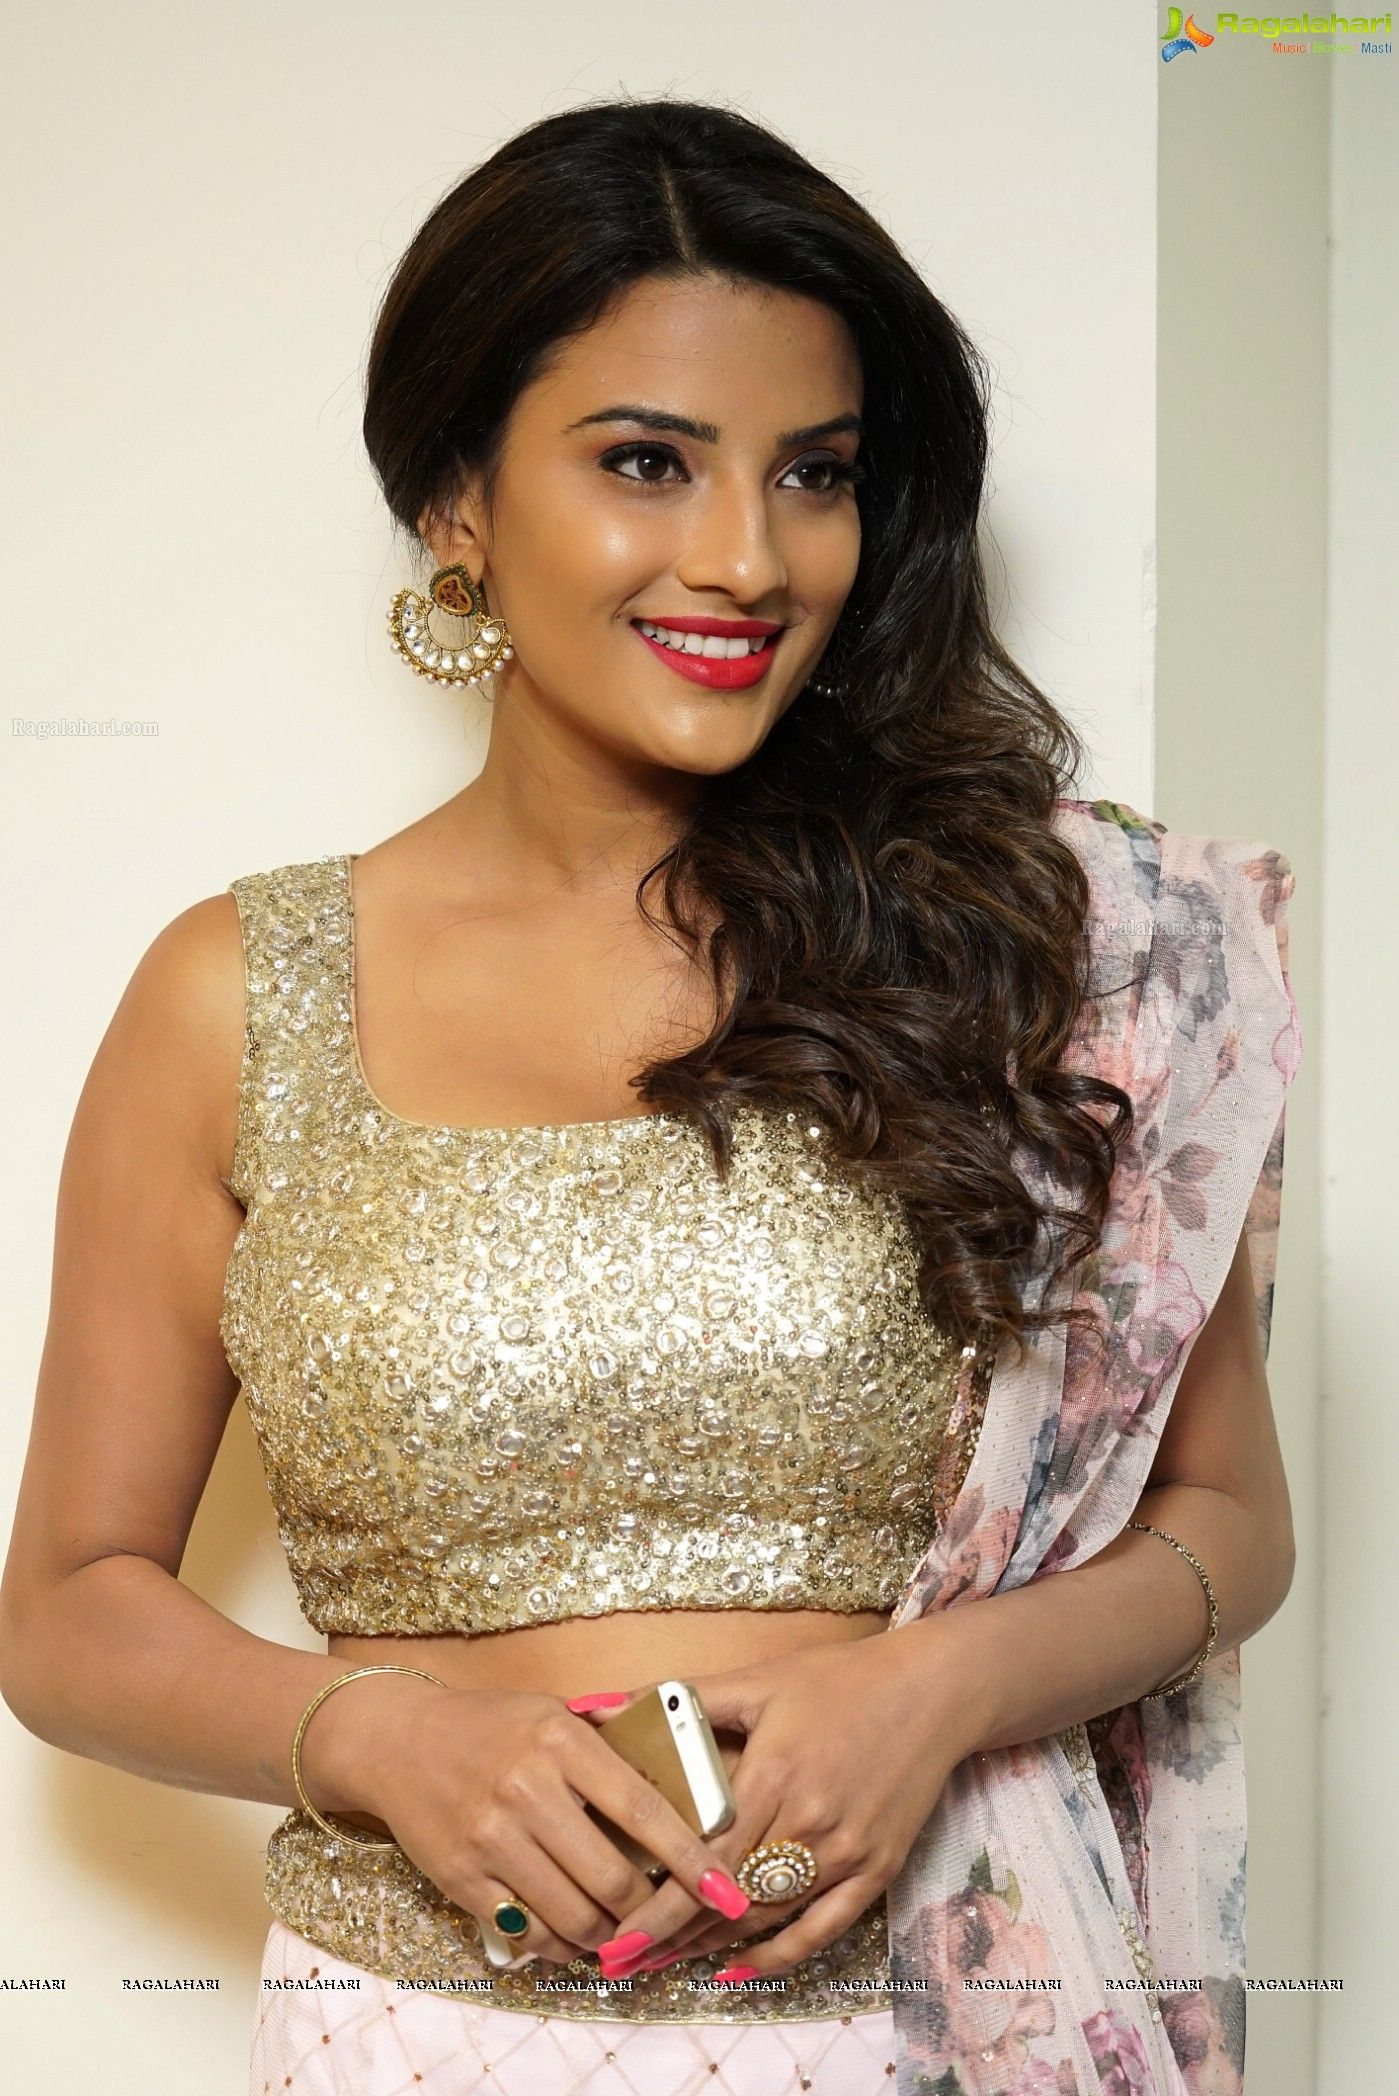 jyotii sethi high quality photos - image 5 | women's fashion